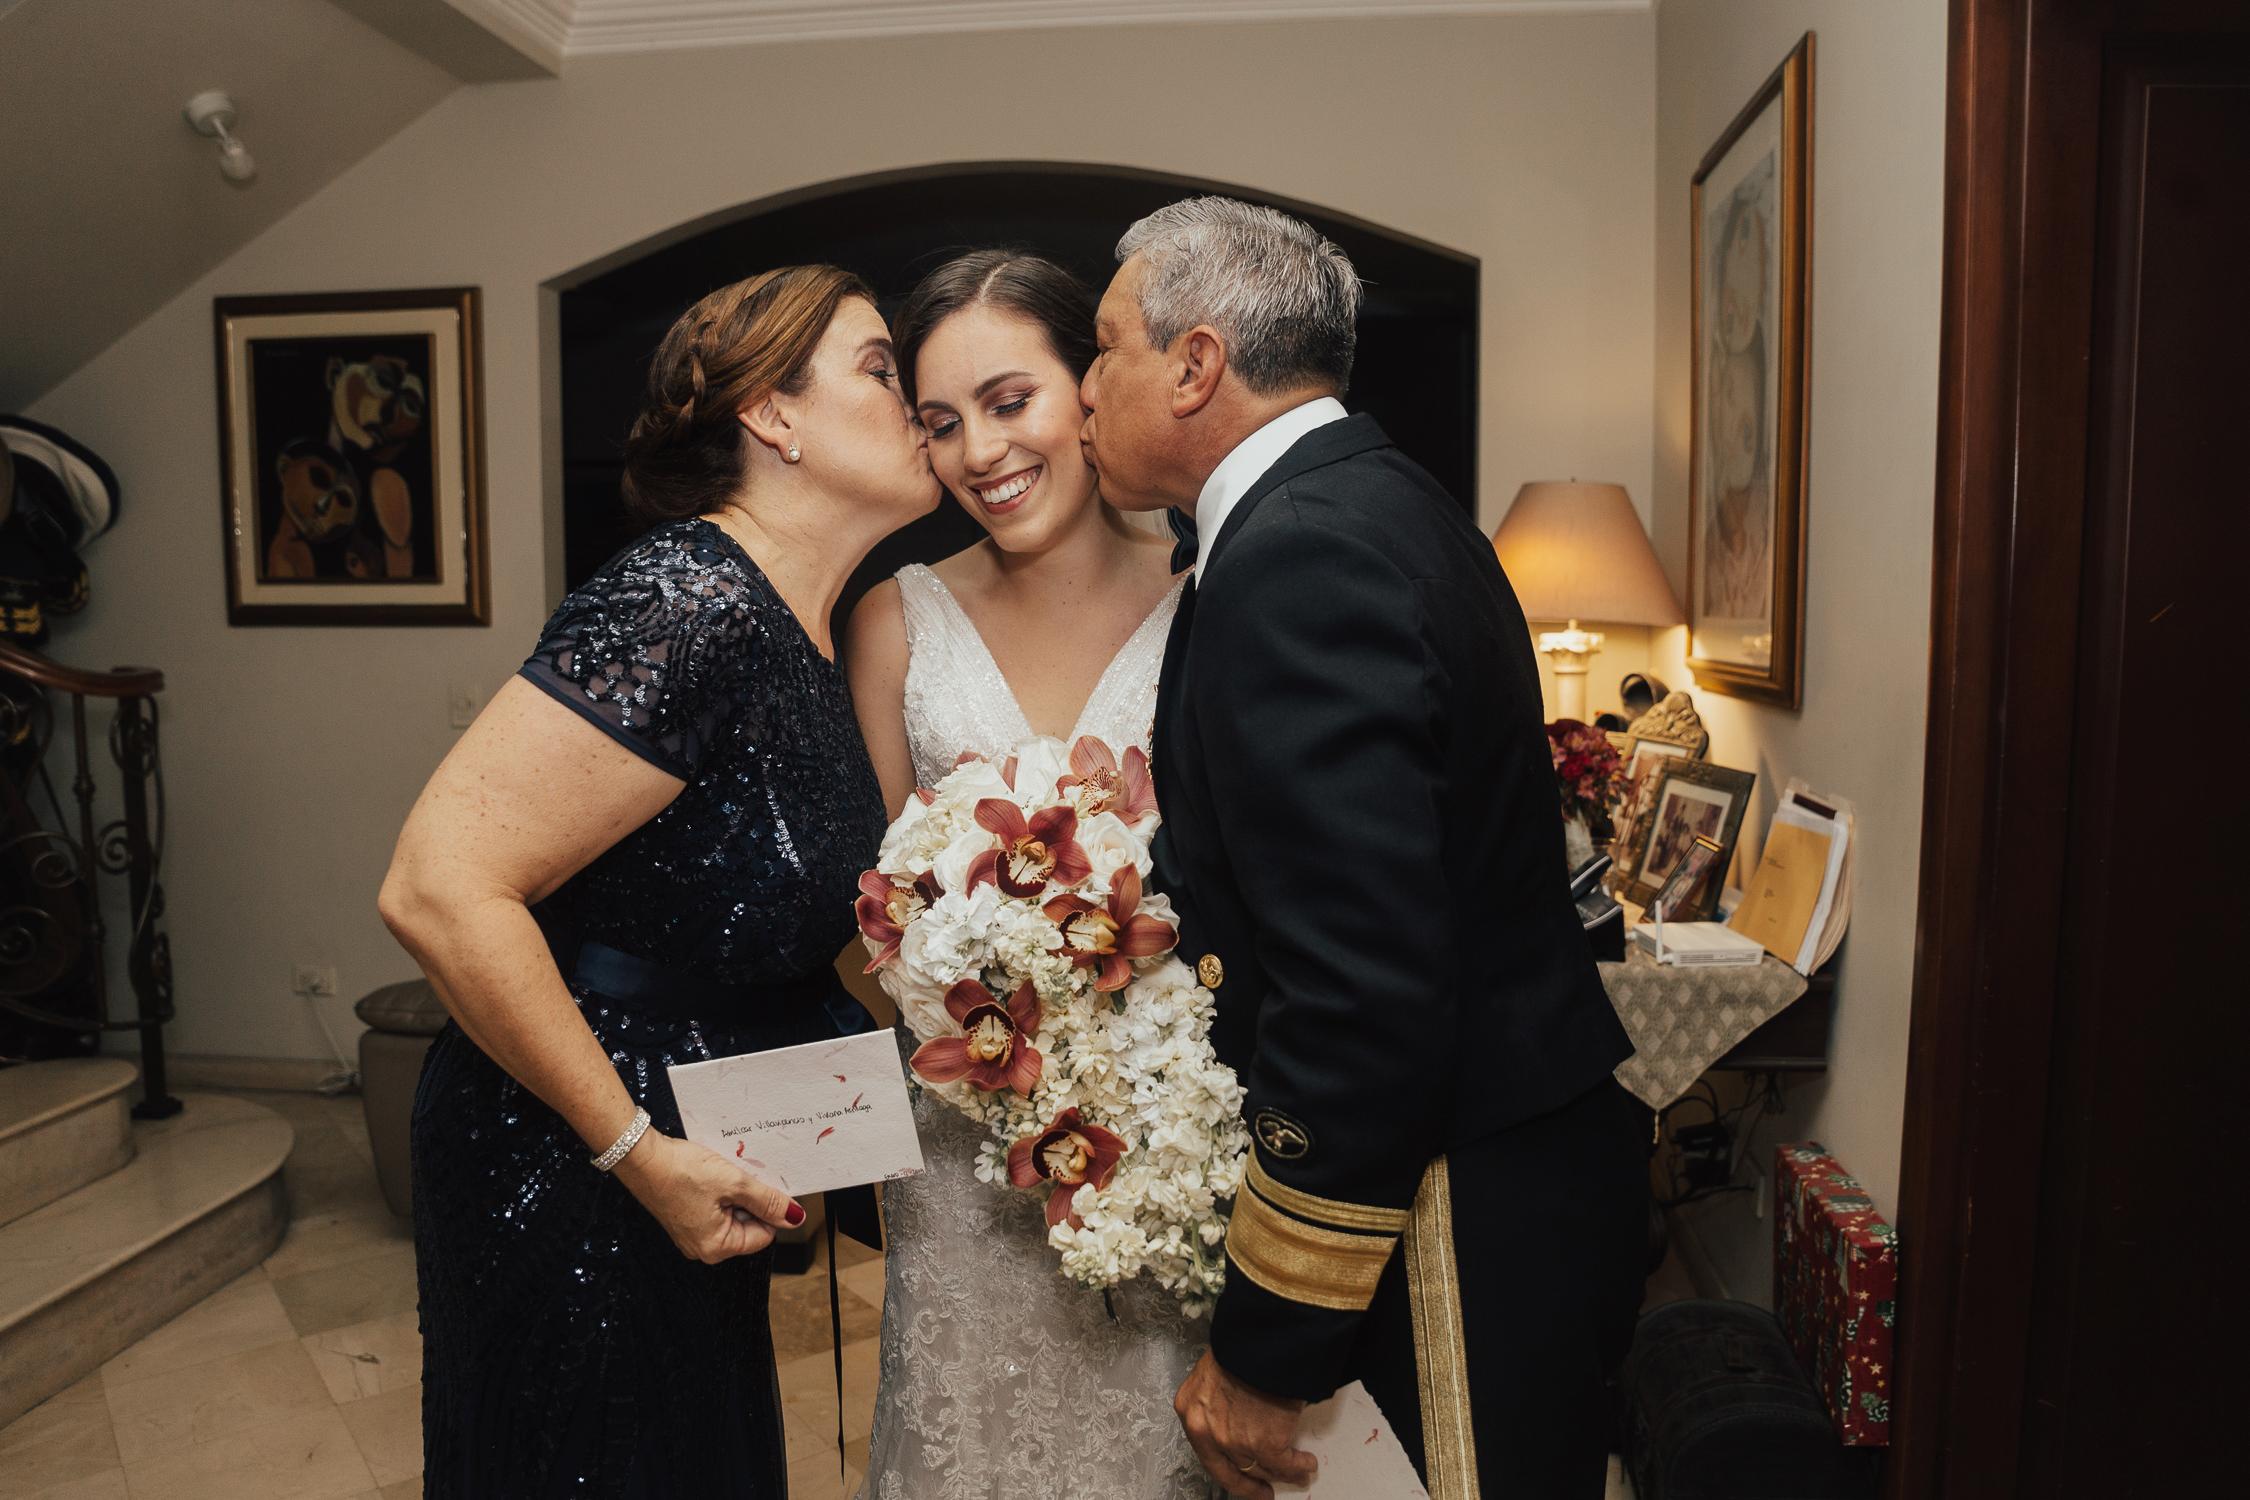 Michelle-Agurto-Fotografia-Bodas-Ecuador-Destination-Wedding-Photographer-Ecuador-Mercedes-Alvaro-47.JPG